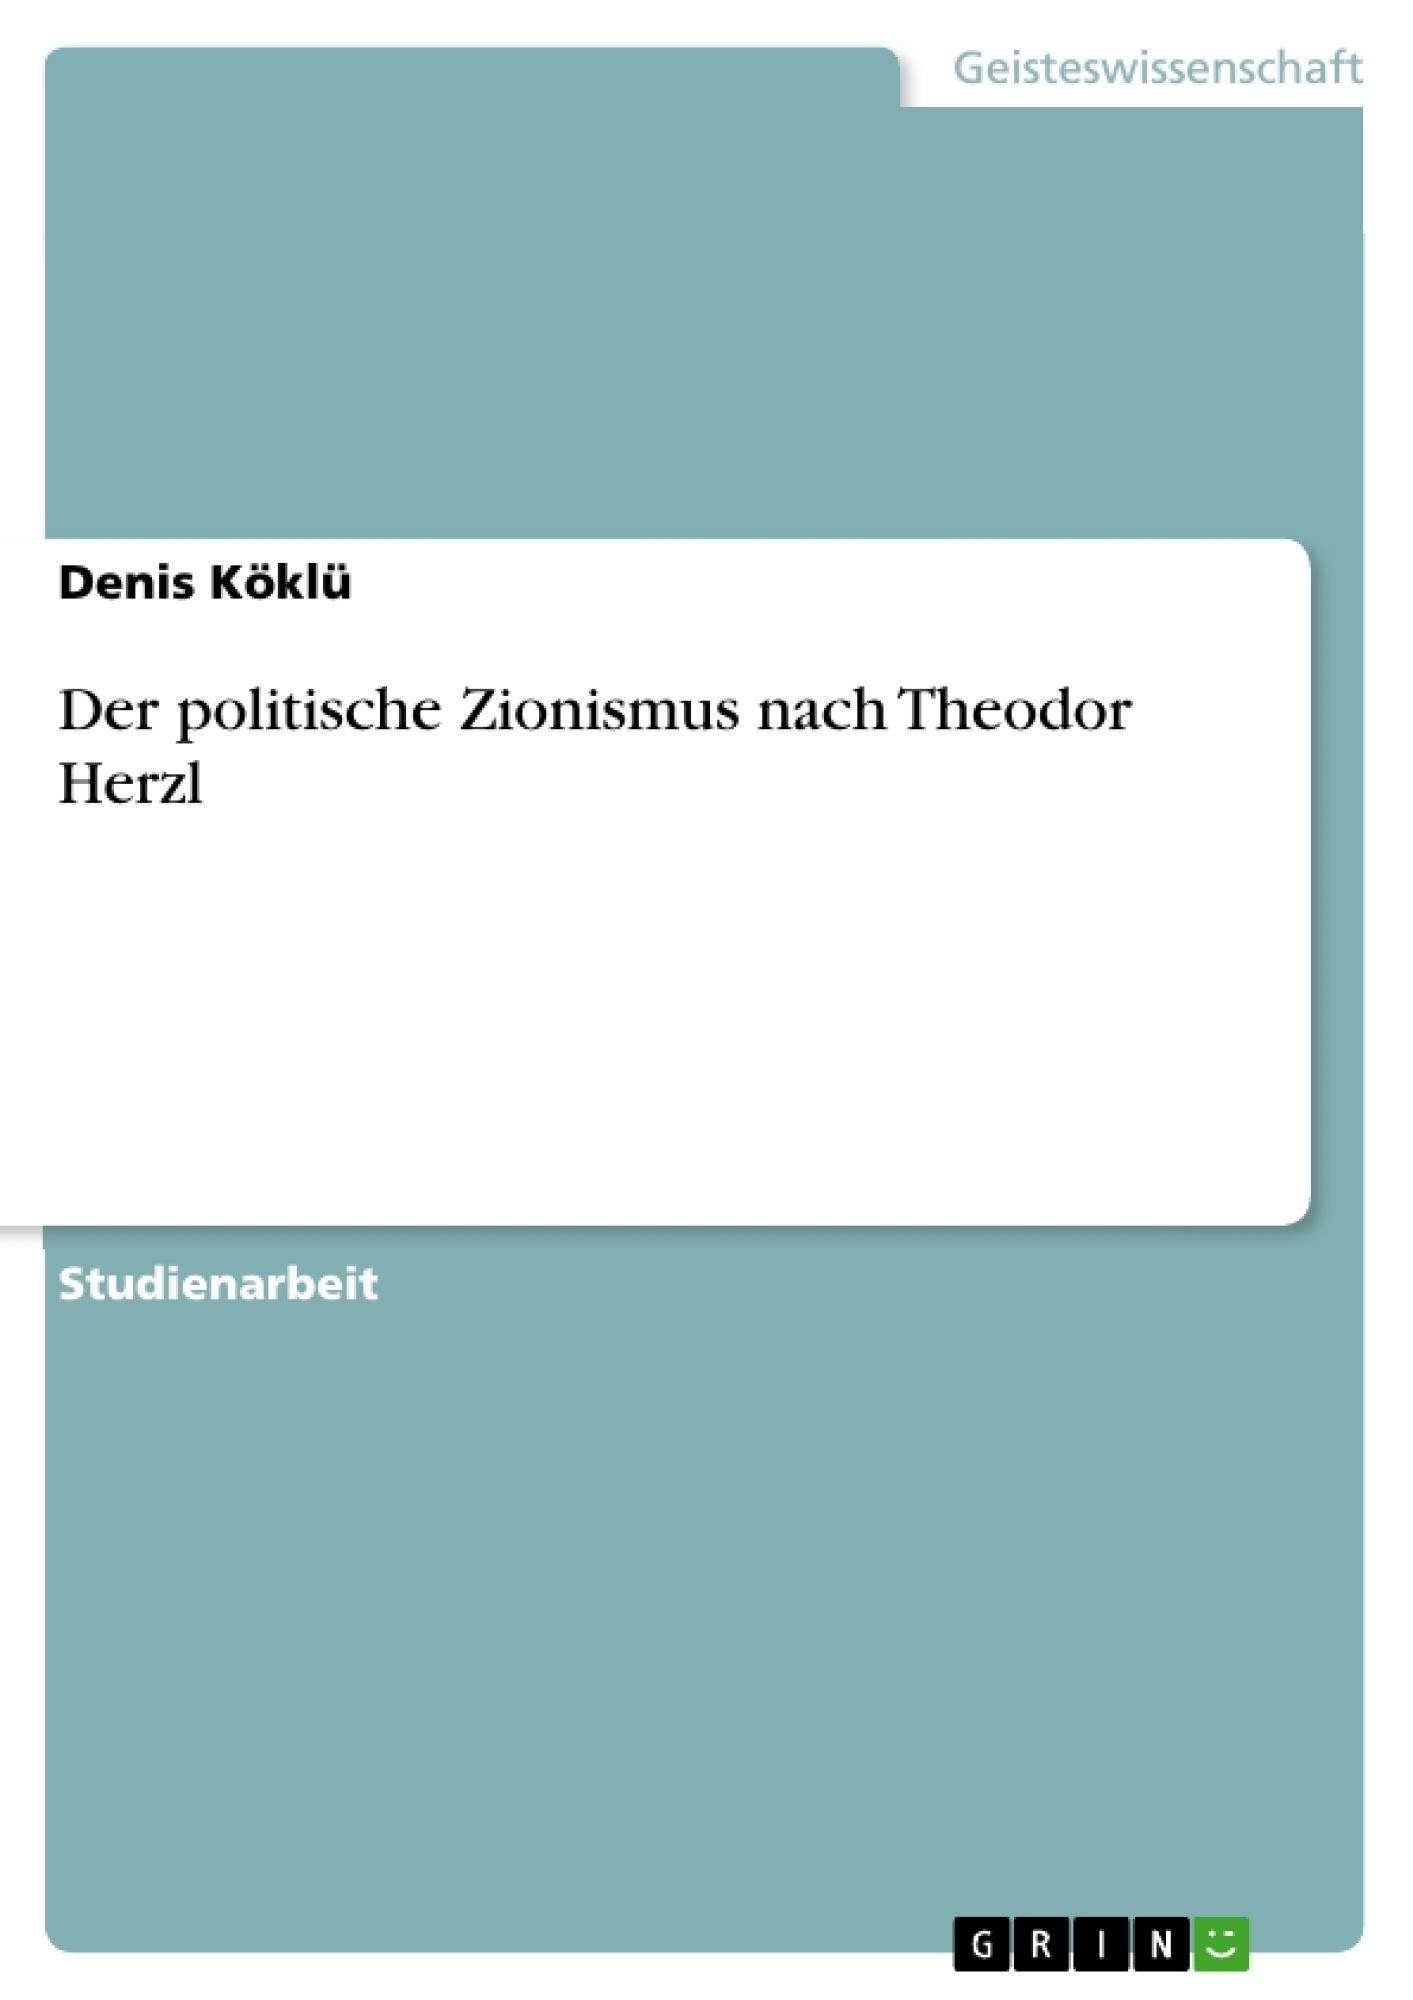 Titel: Der politische Zionismus nach Theodor Herzl